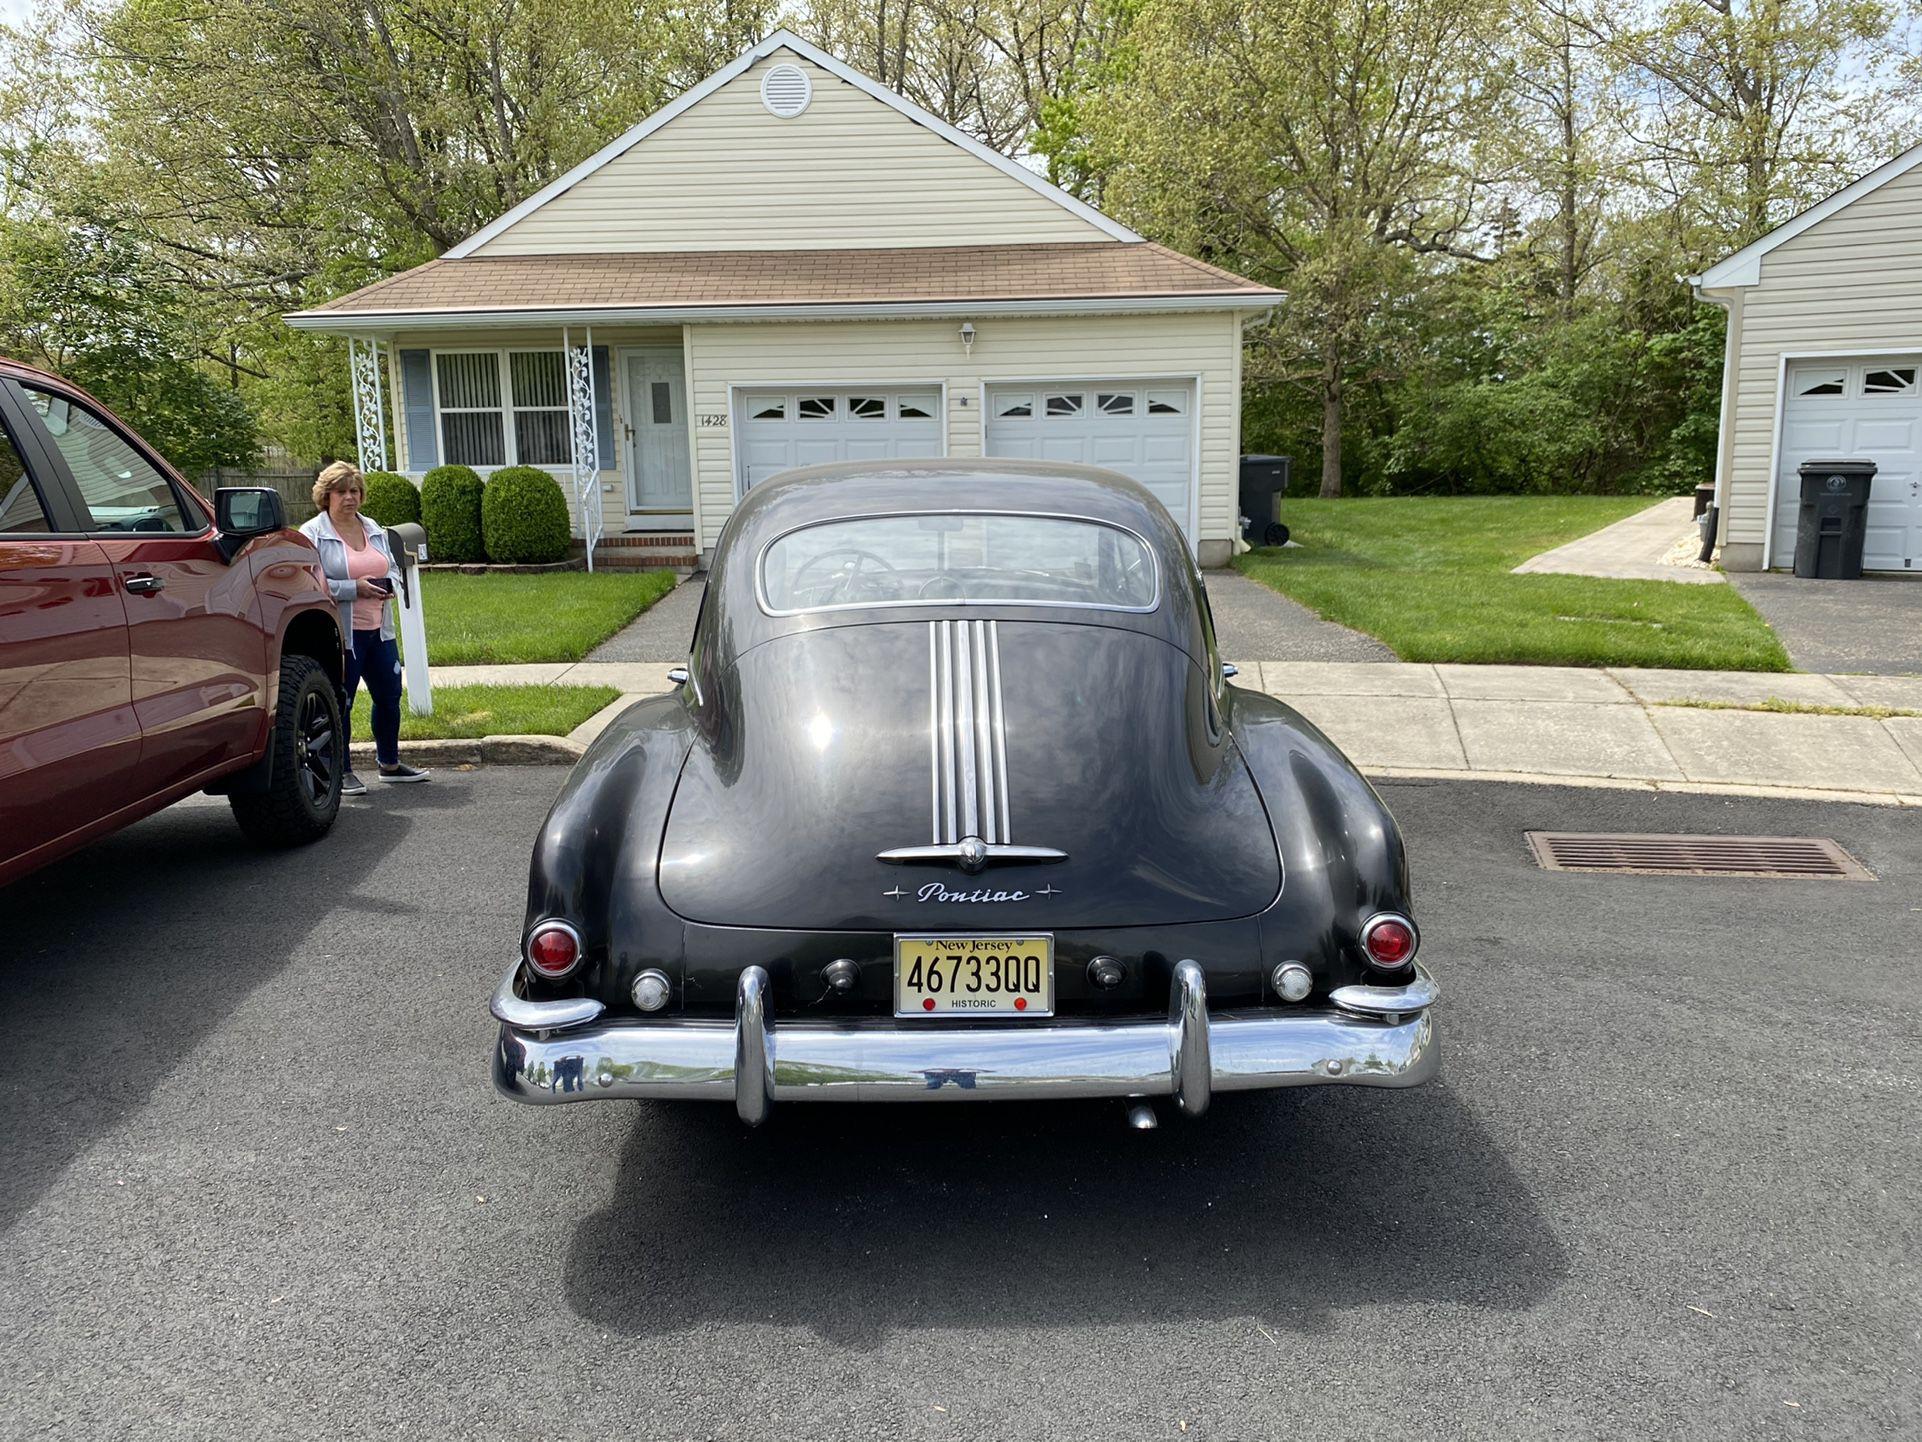 1949 Pontiac Silver streak Chieftain